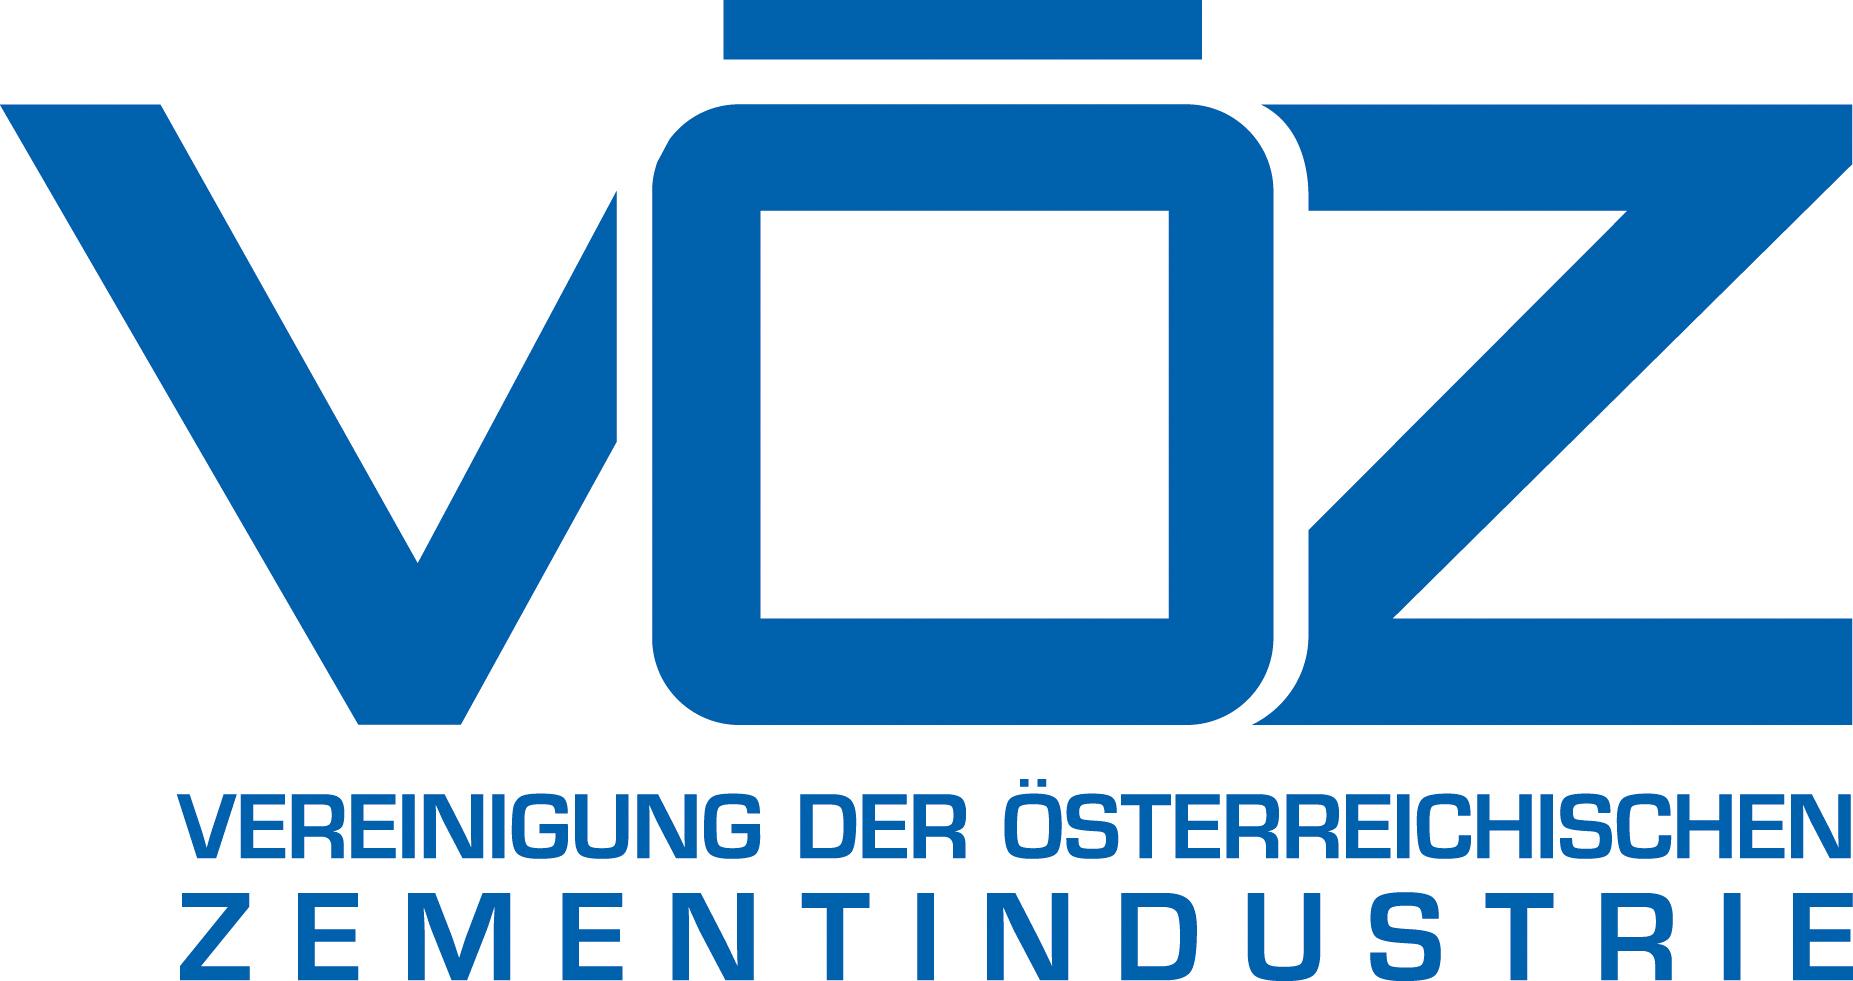 Vereinigung der Österreichischen Zementindustrie